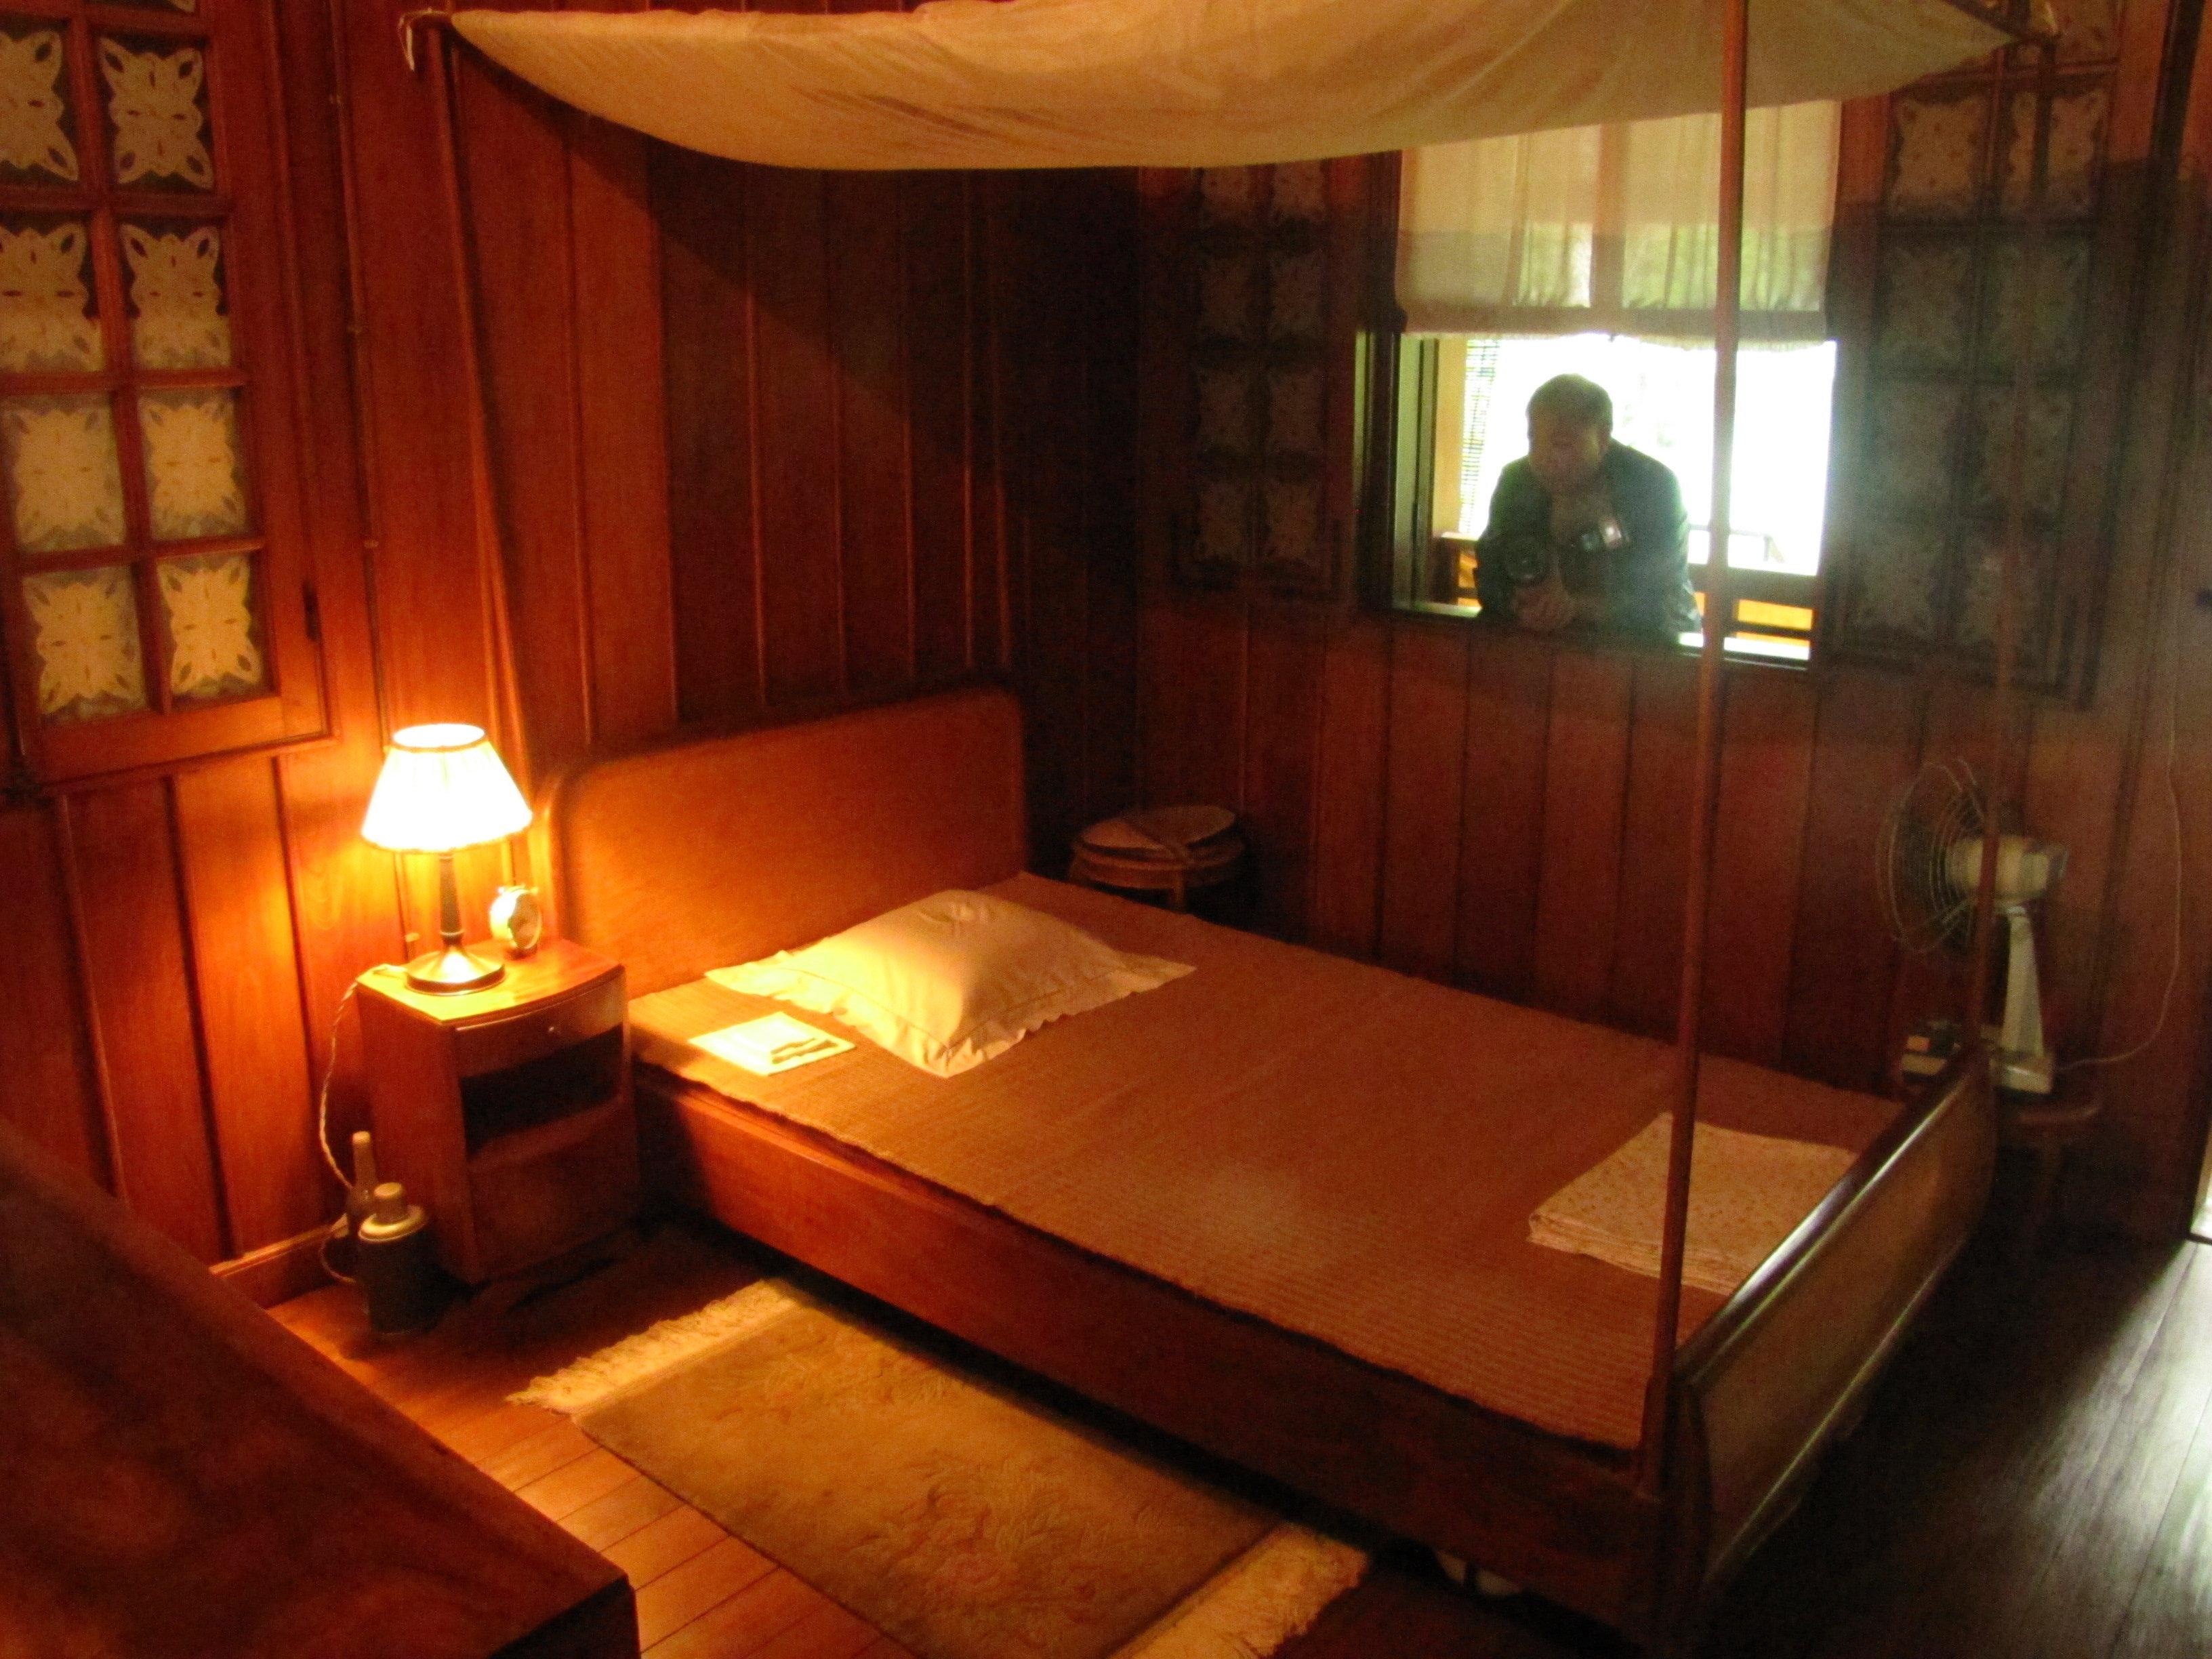 Dormitorio de Ho Chi Minh en la Casa Zancuda ubicada dentro del Palacio Presidencial de Hanoi